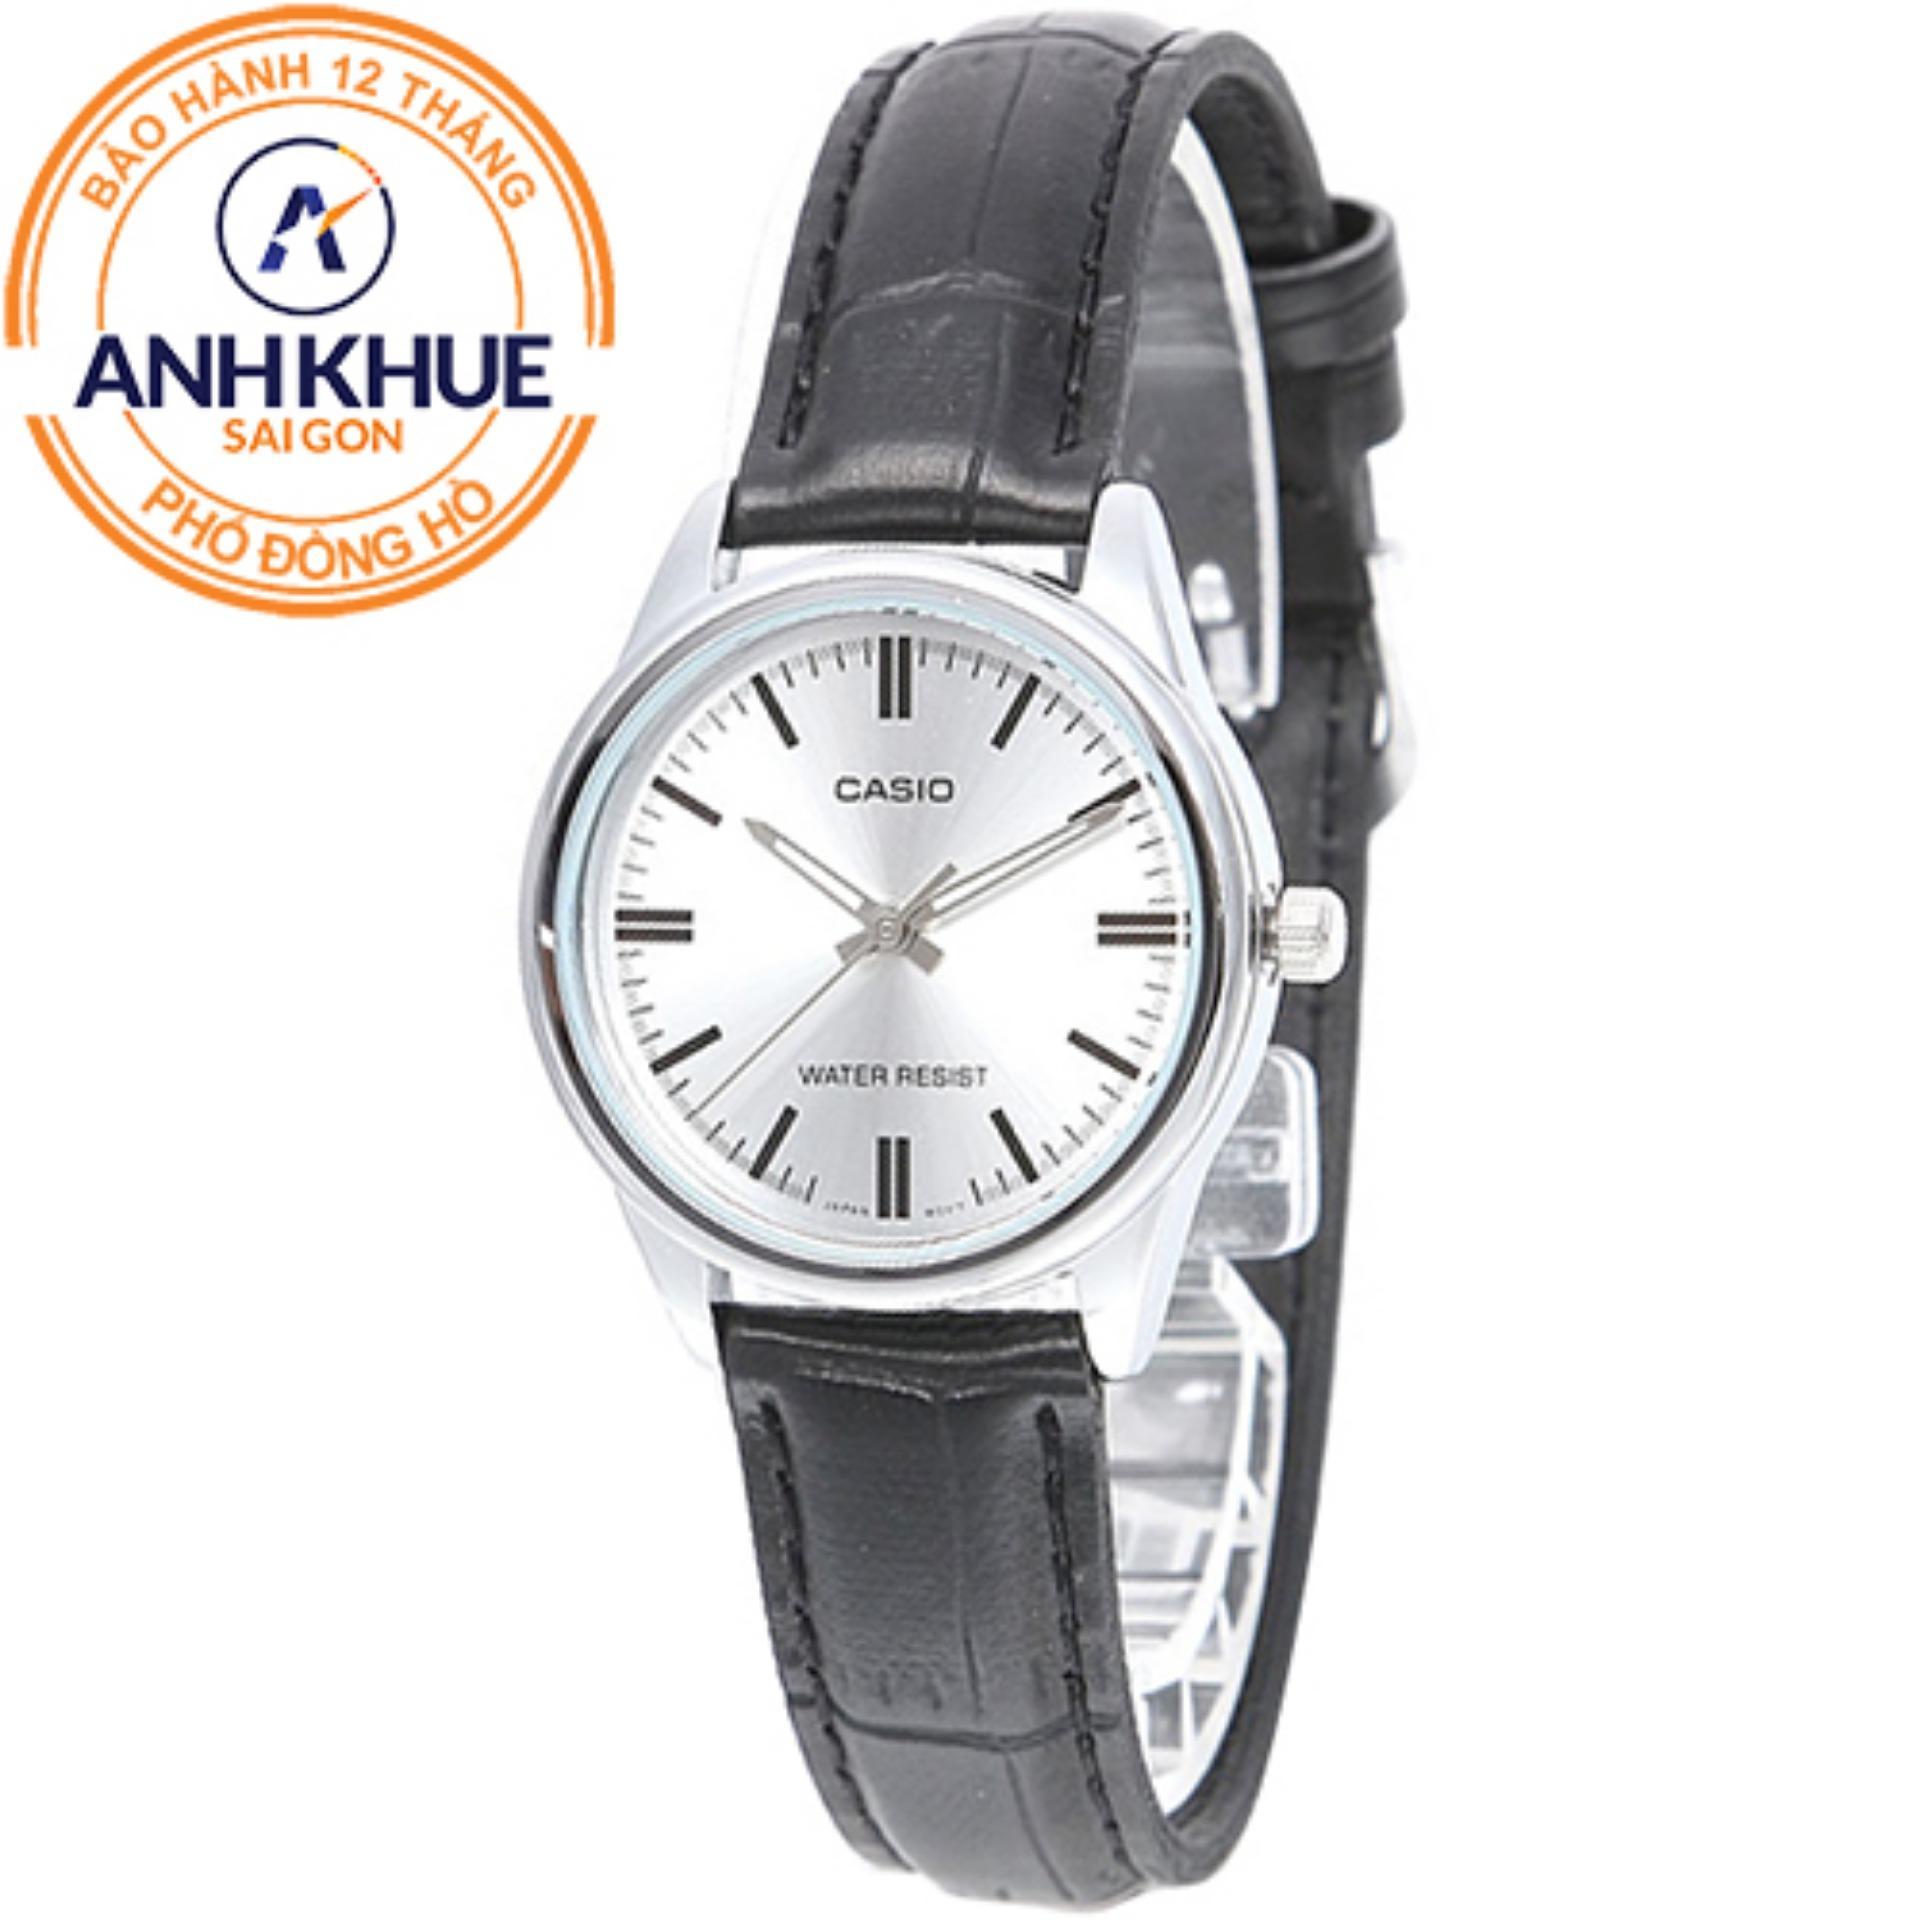 Đồng hồ nữ dây da Casio Anh Khuê LTP-V005L-7AUDF